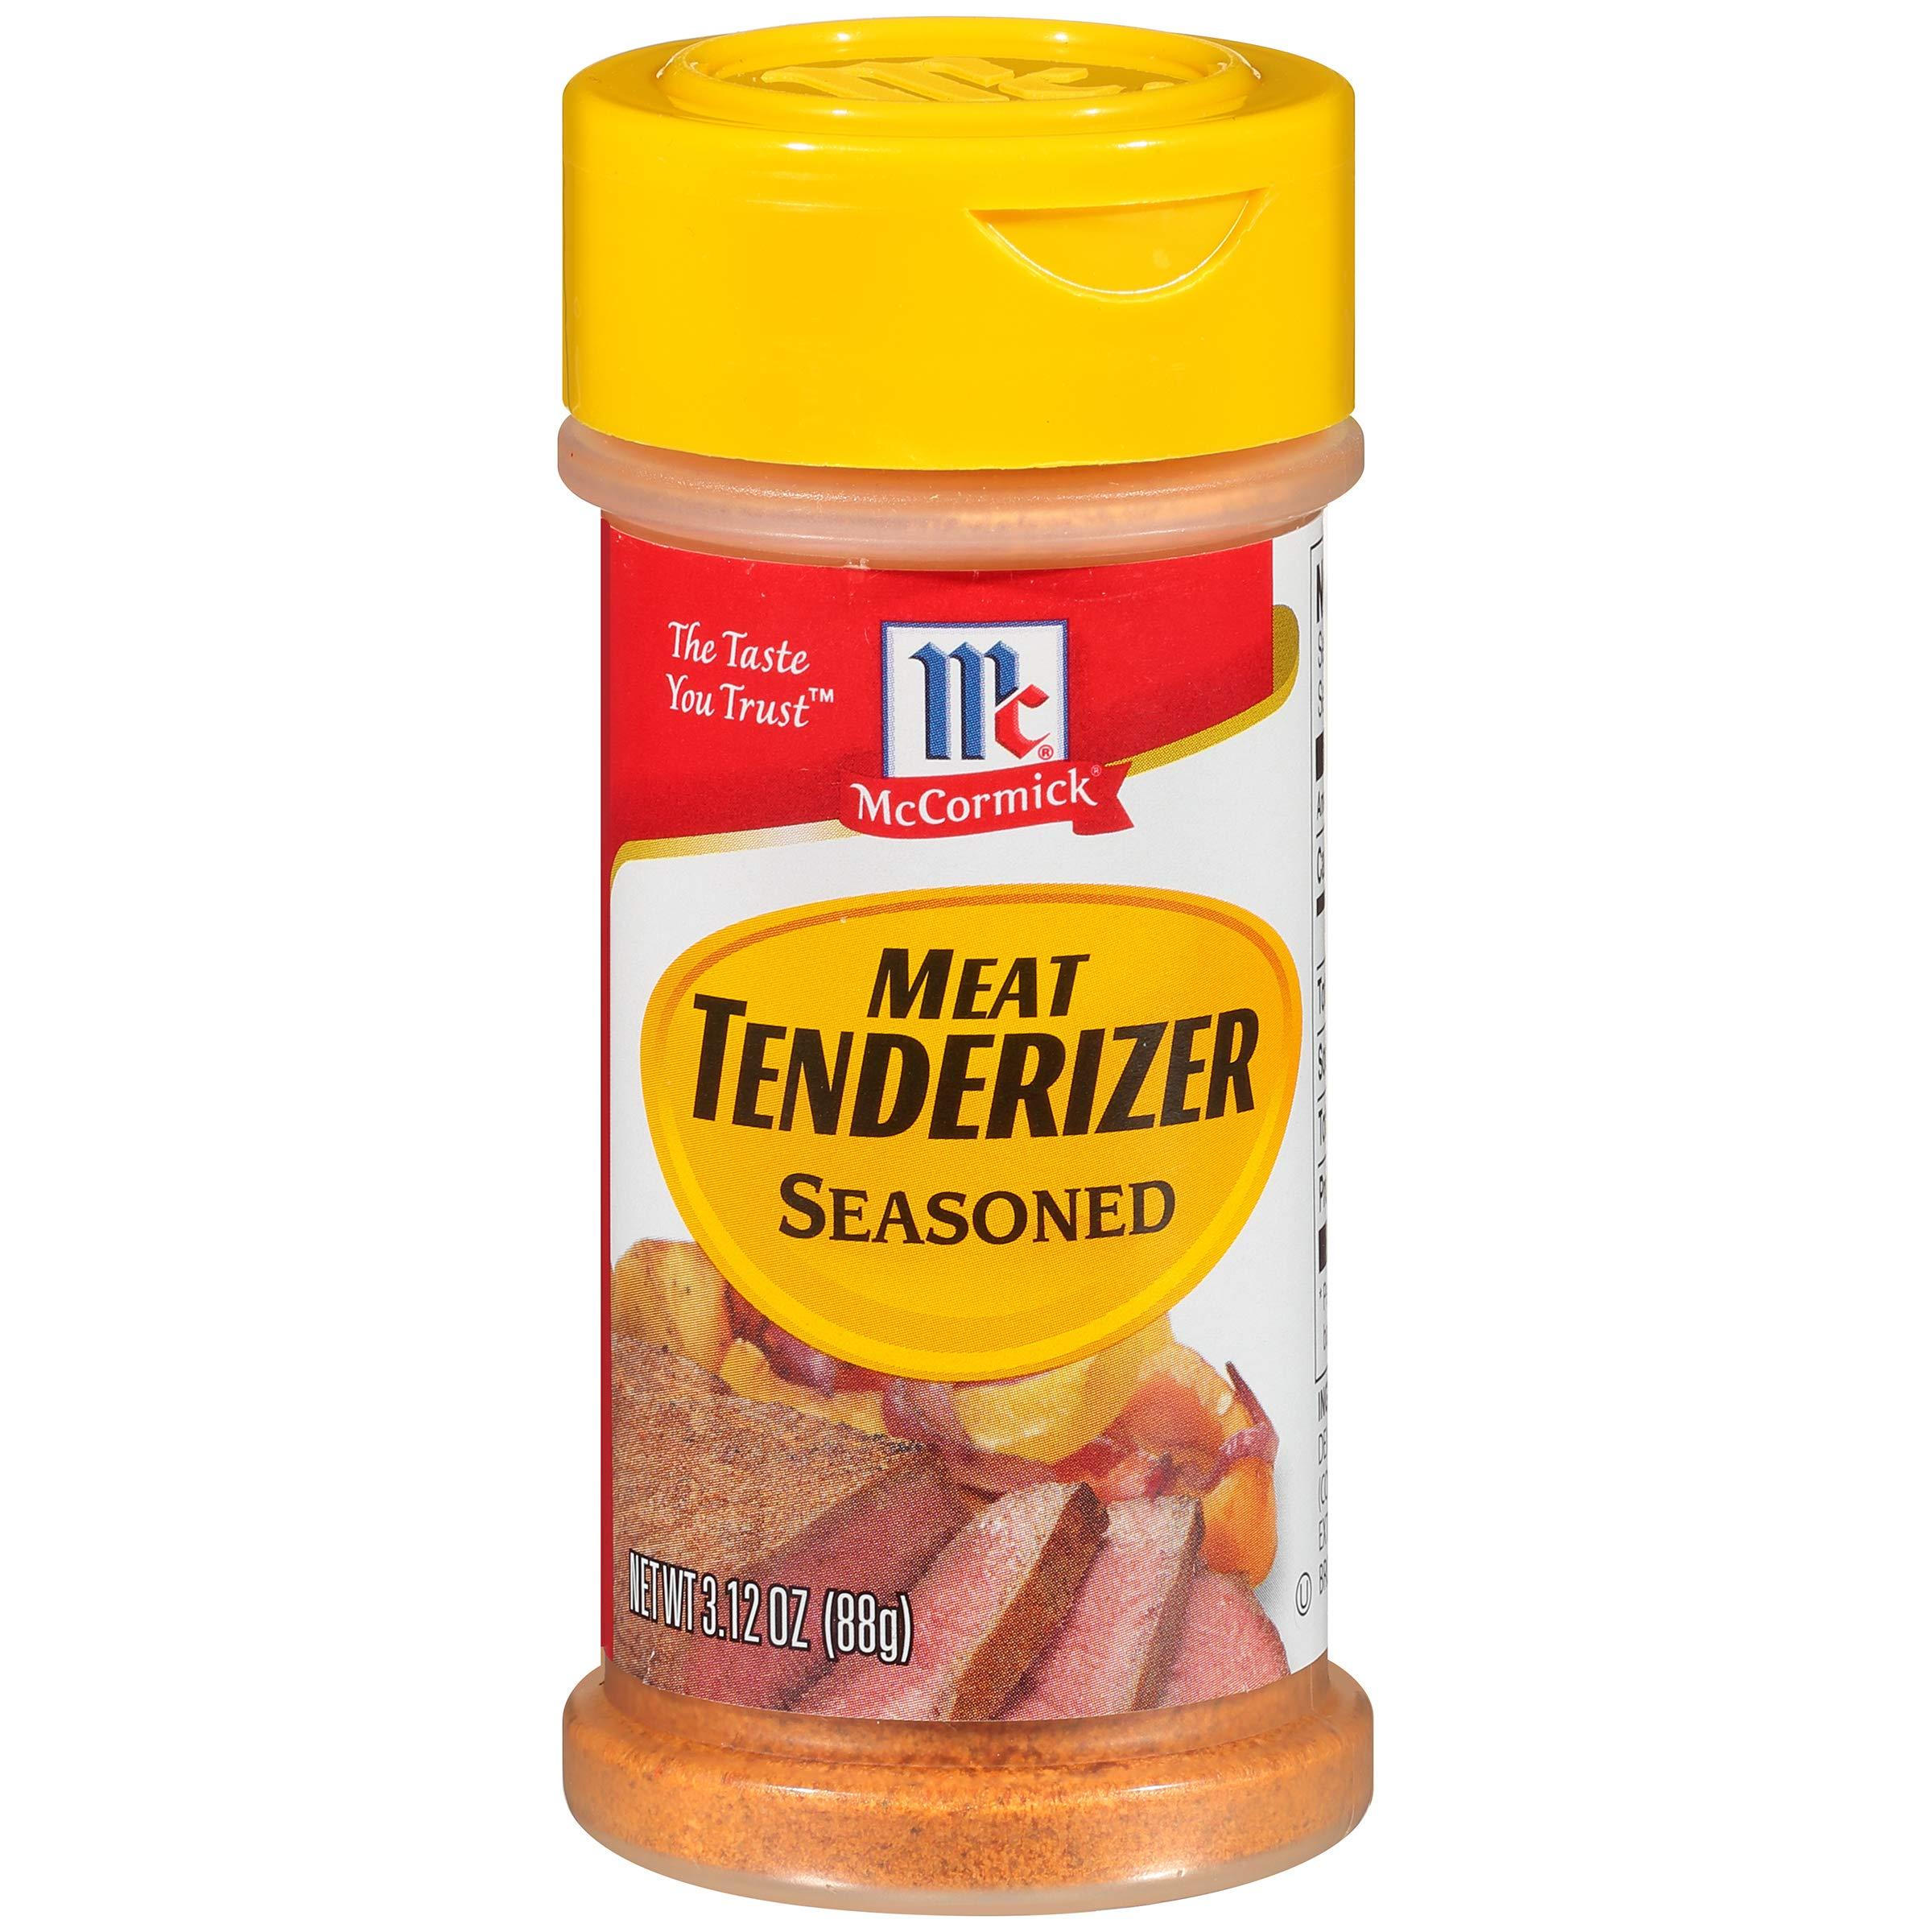 McCormick Meat Tenderizer Seasoned, 3.12 OZ (Pack - 3)